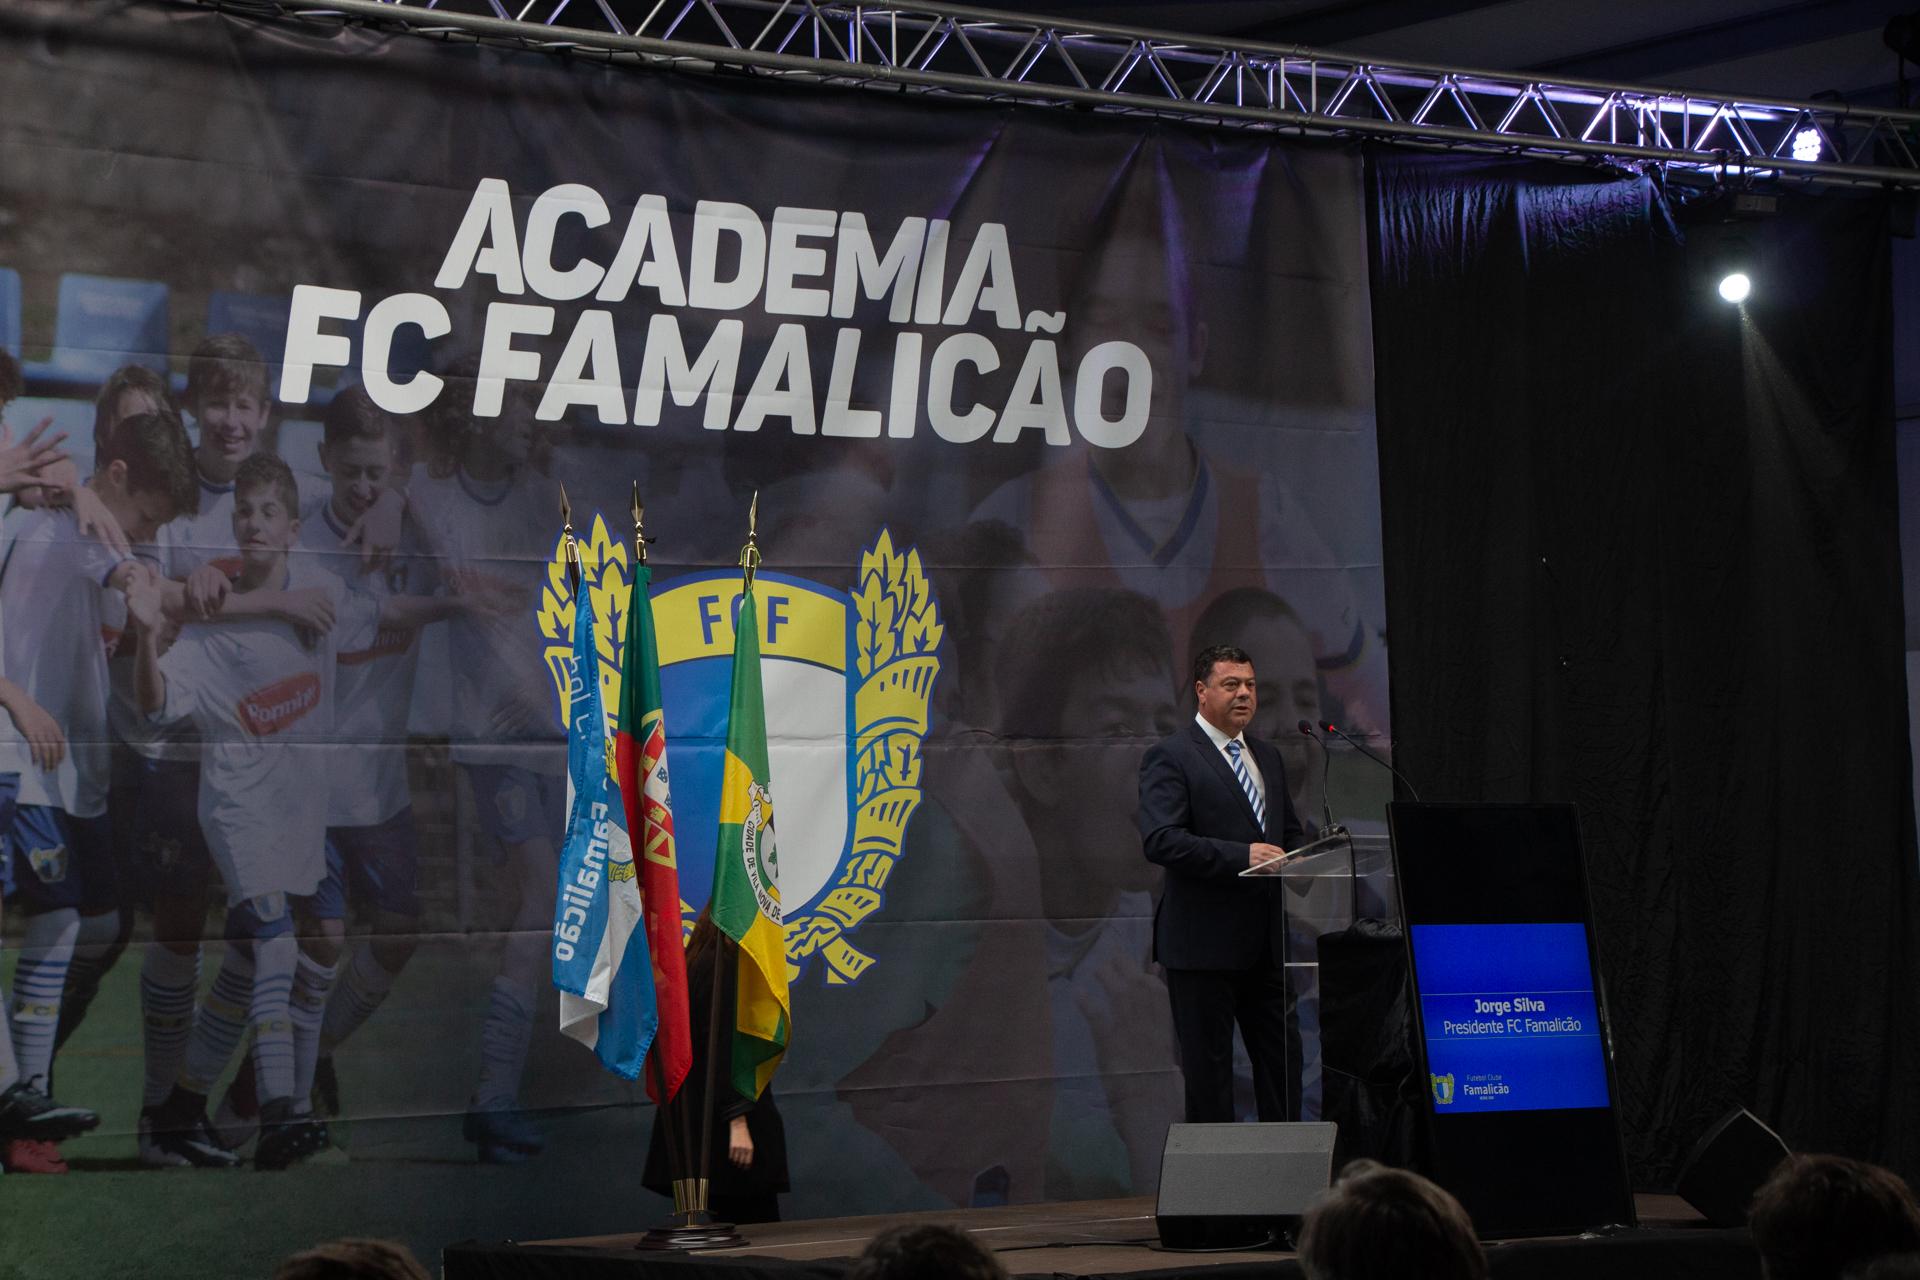 Jorge Silva, FC Famalicão